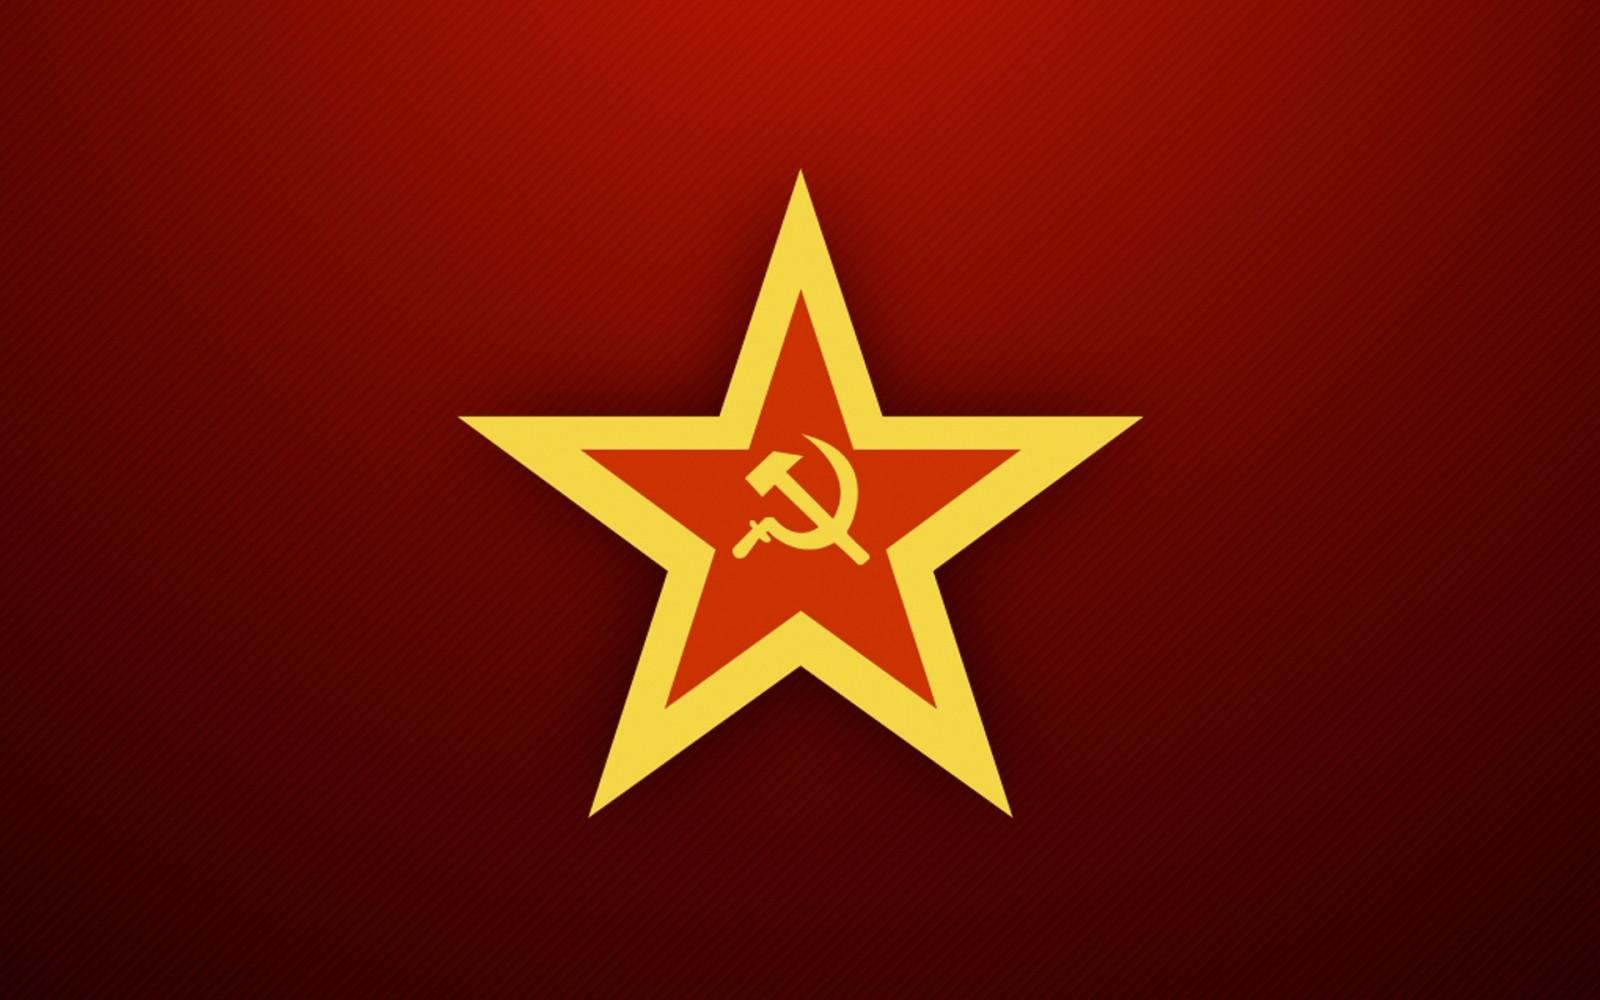 Hình nền cờ màu đỏ